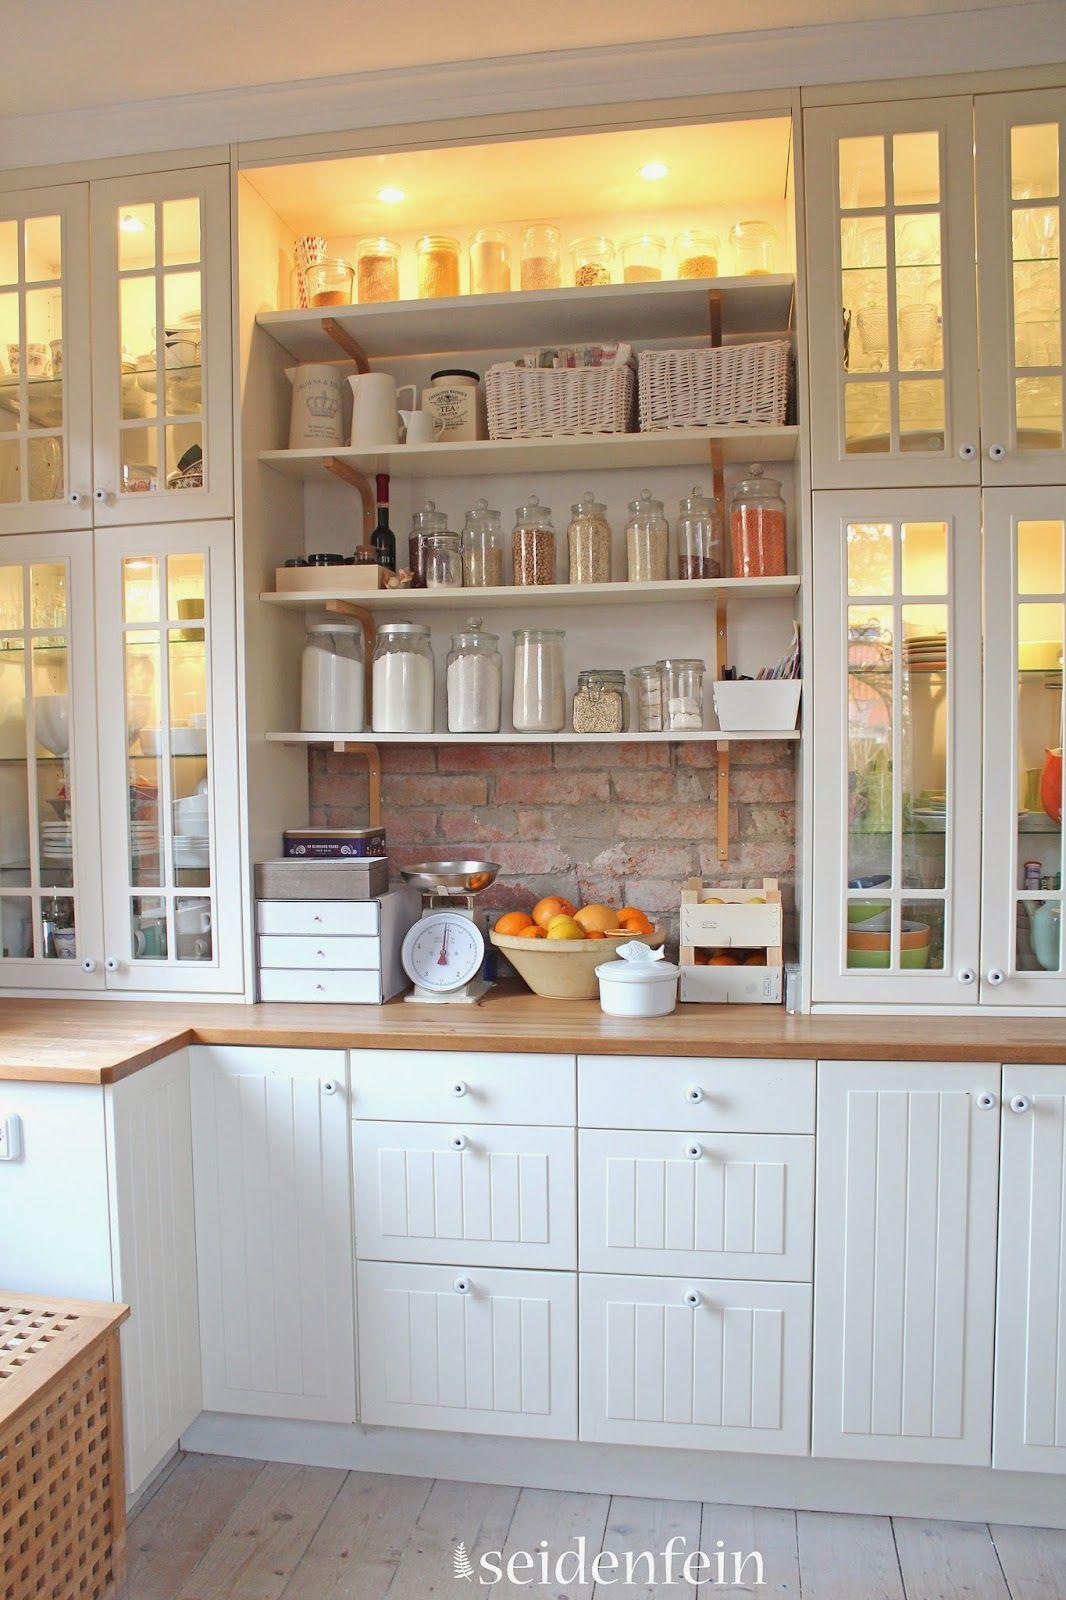 Fein Küche Renovieren Schritte Diy Bilder - Küche Set Ideen ...